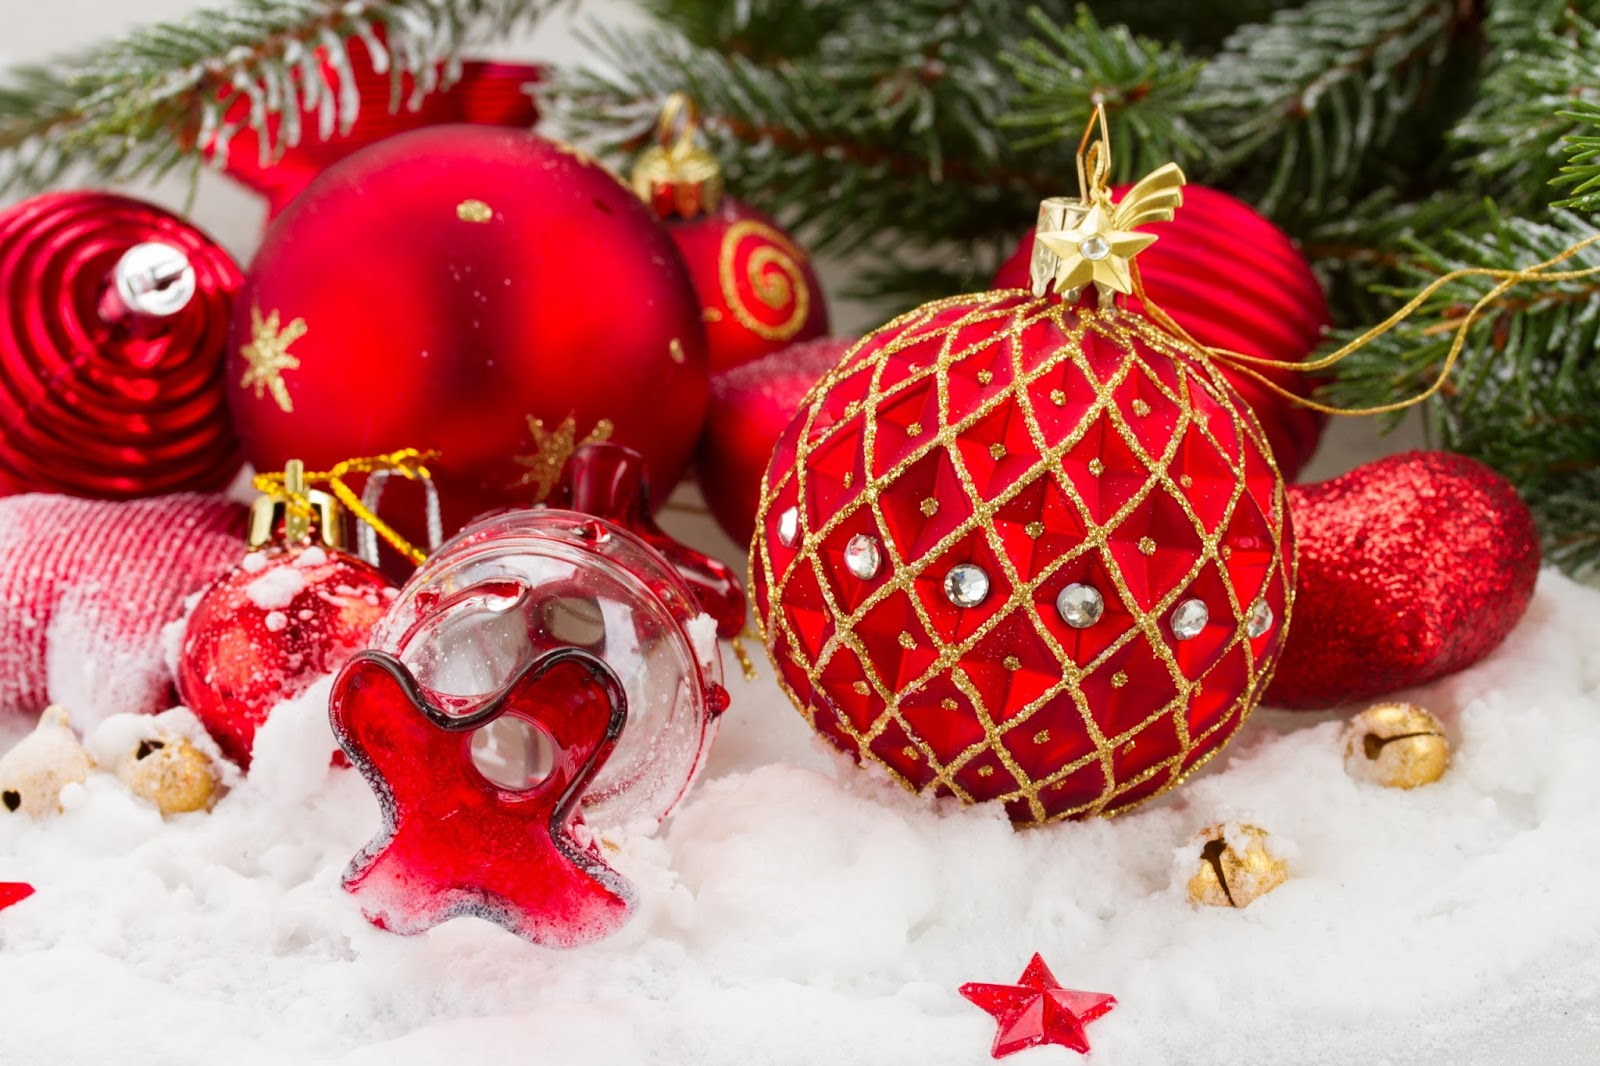 Imagenes Para Fondo De Pantalla Bonitos: Fondos De Pantalla De Navidad (muy Bonitos)